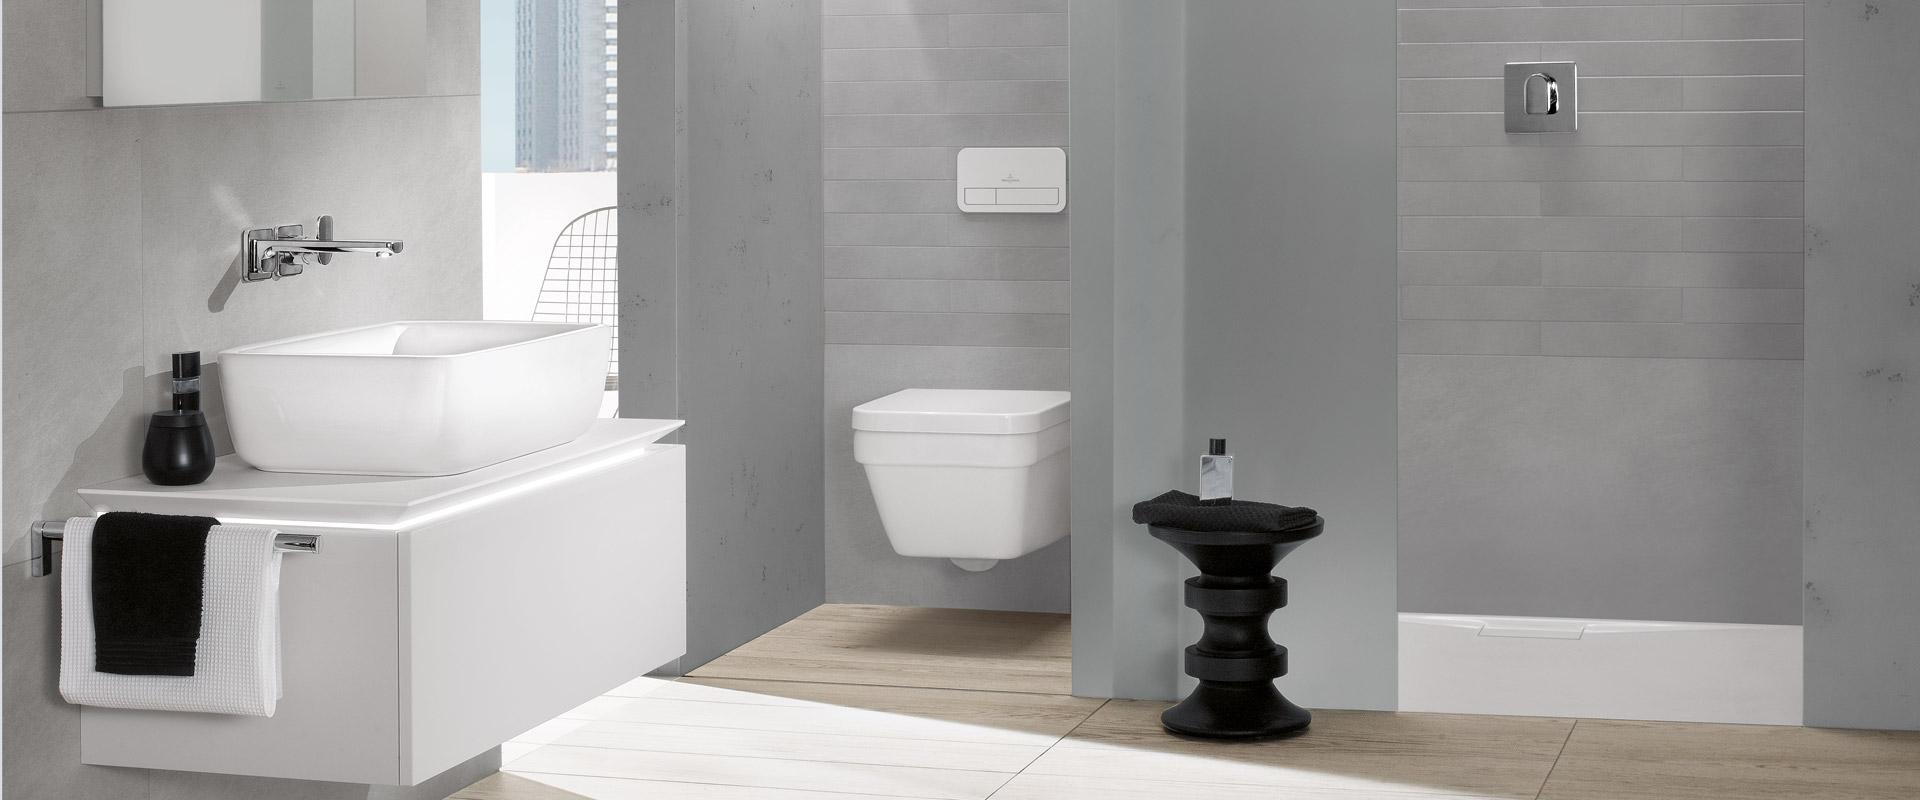 architectura - zeitloses design fürs bad - villeroy & boch - Badezimmer Villeroy Boch